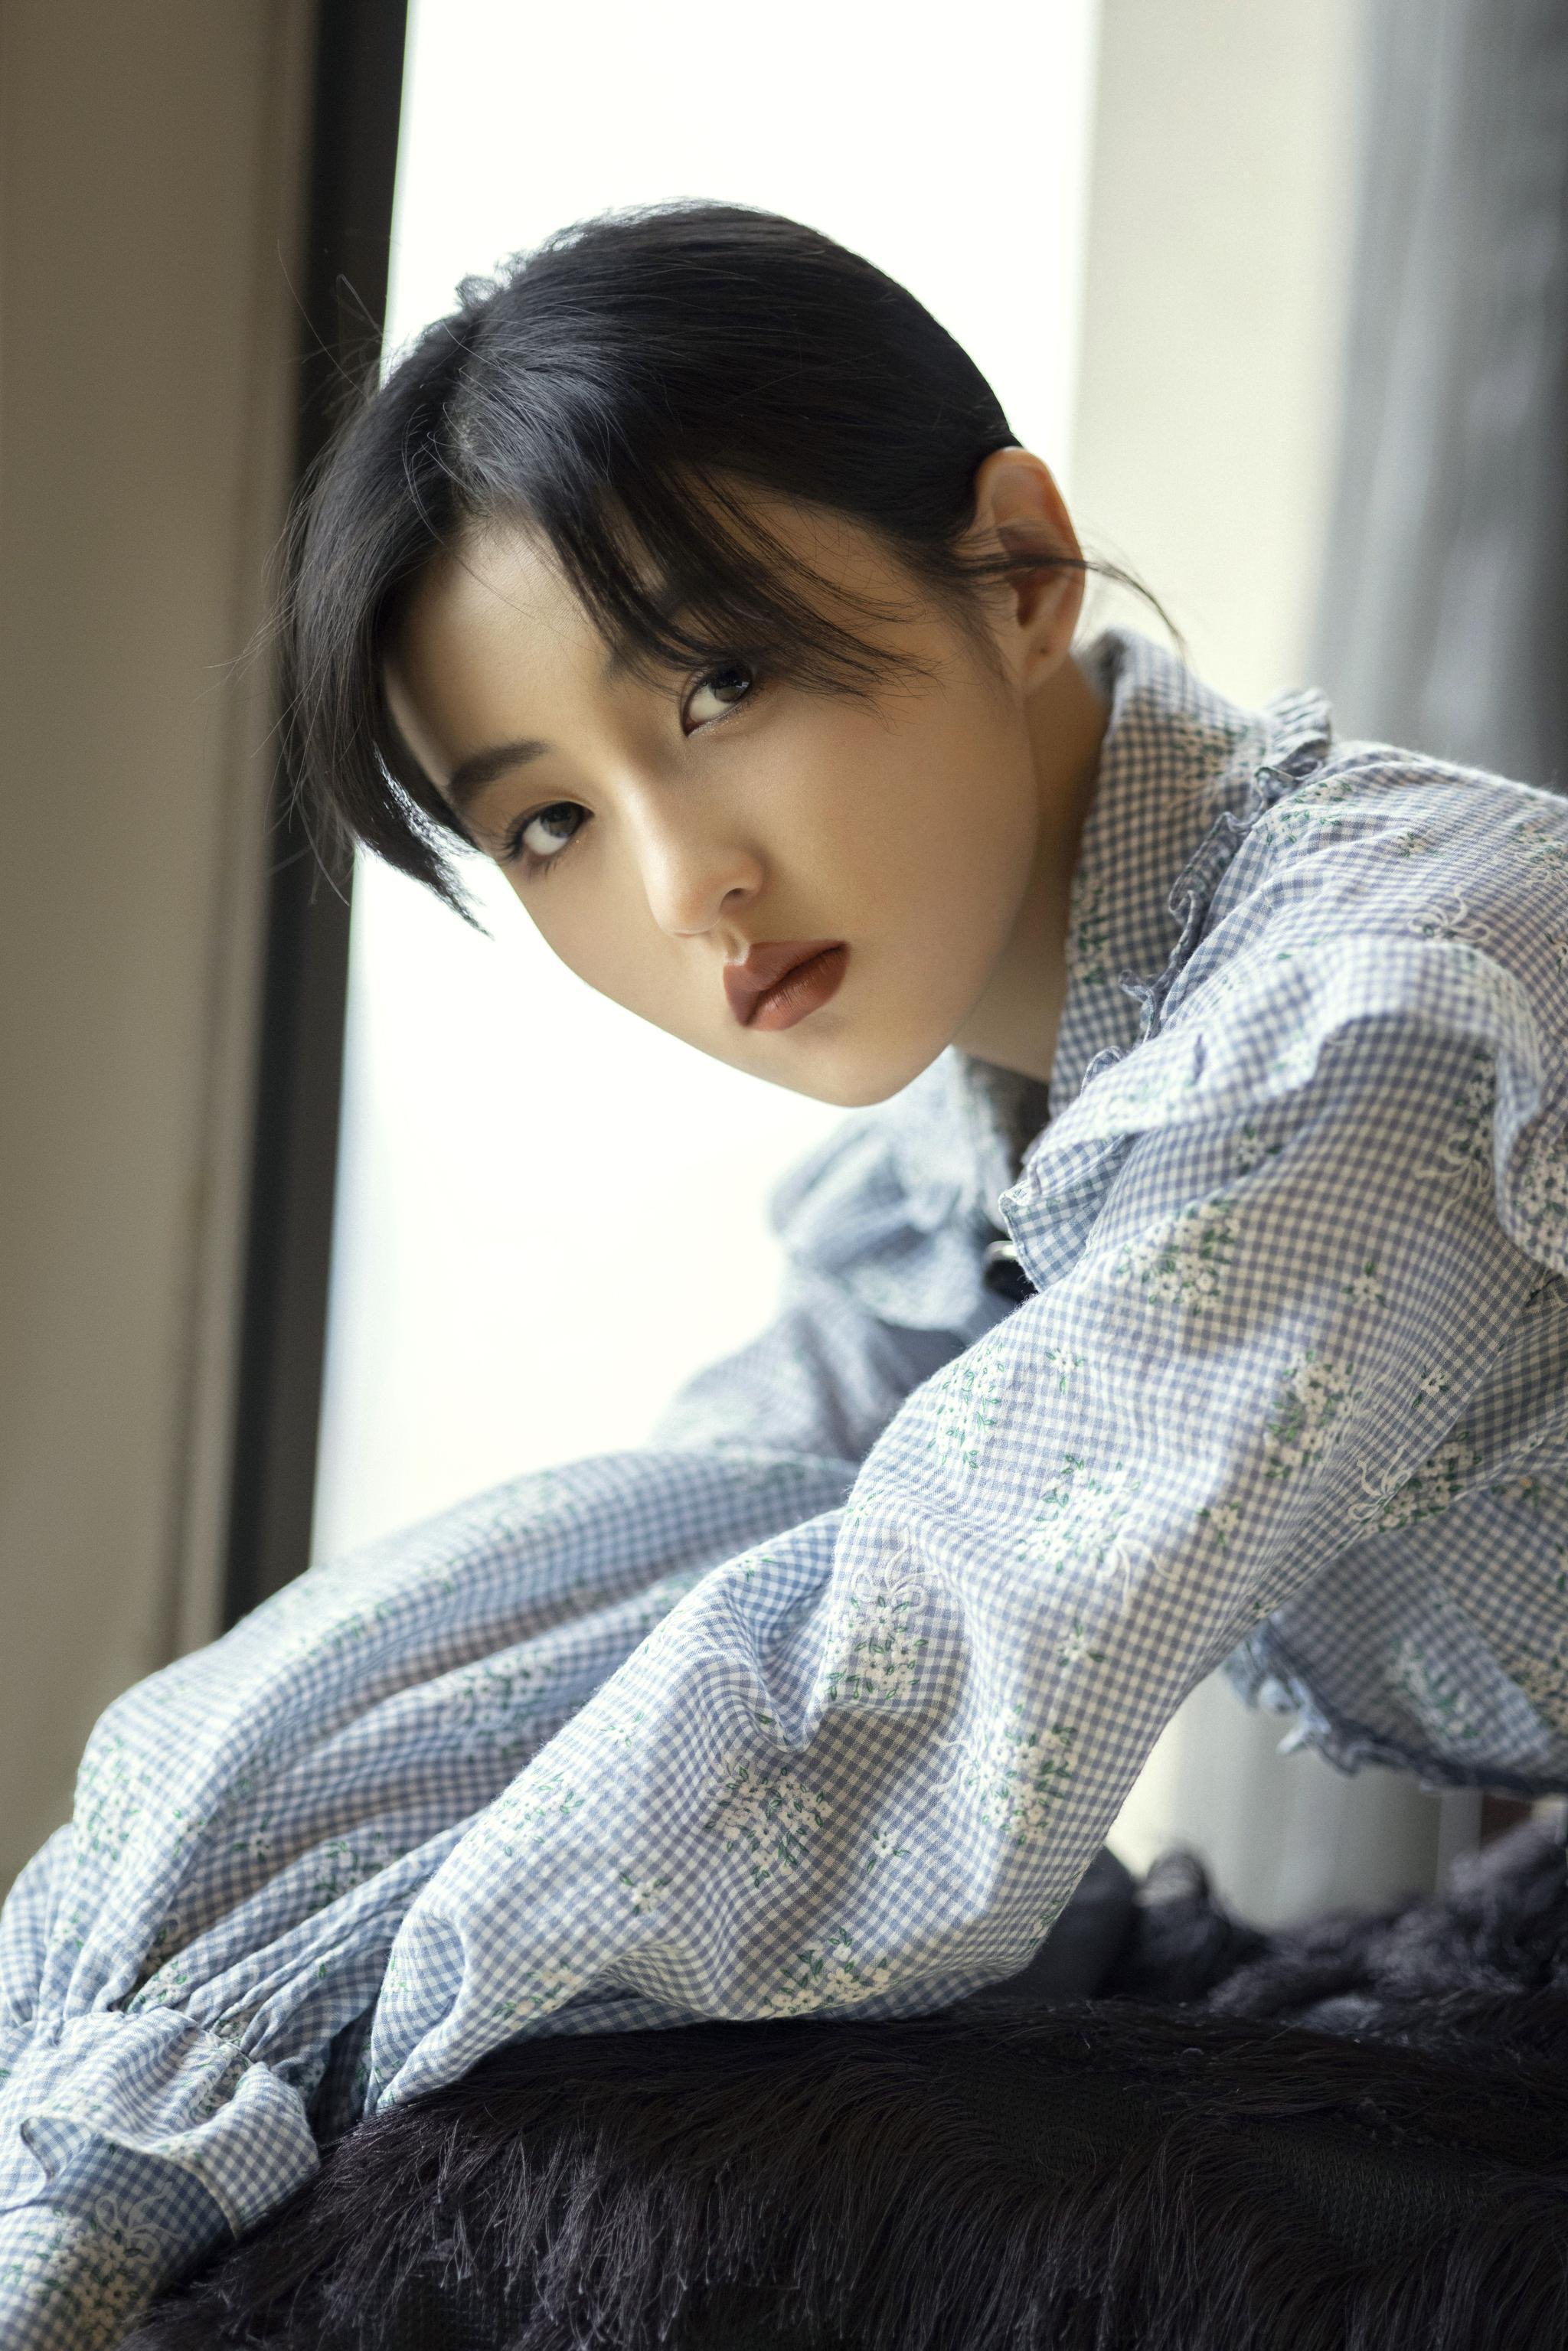 张子枫出席电影《我的姐姐》首映礼……